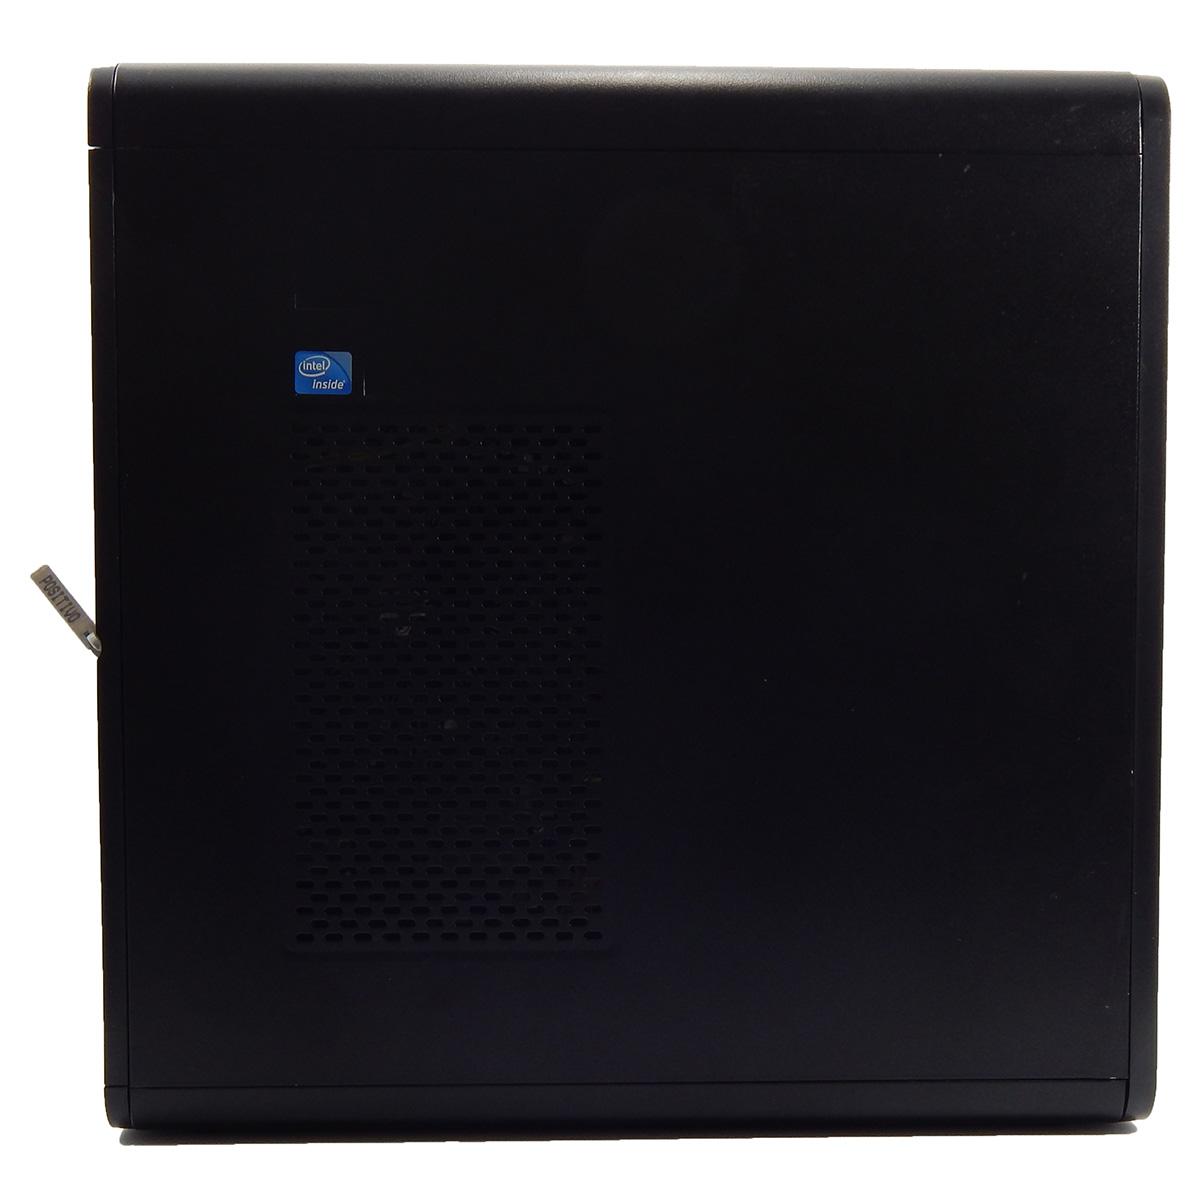 PC POSITIVO Premium PCTV K2650 Celeron G530 4Gb 320Gb DVD - Reembalado